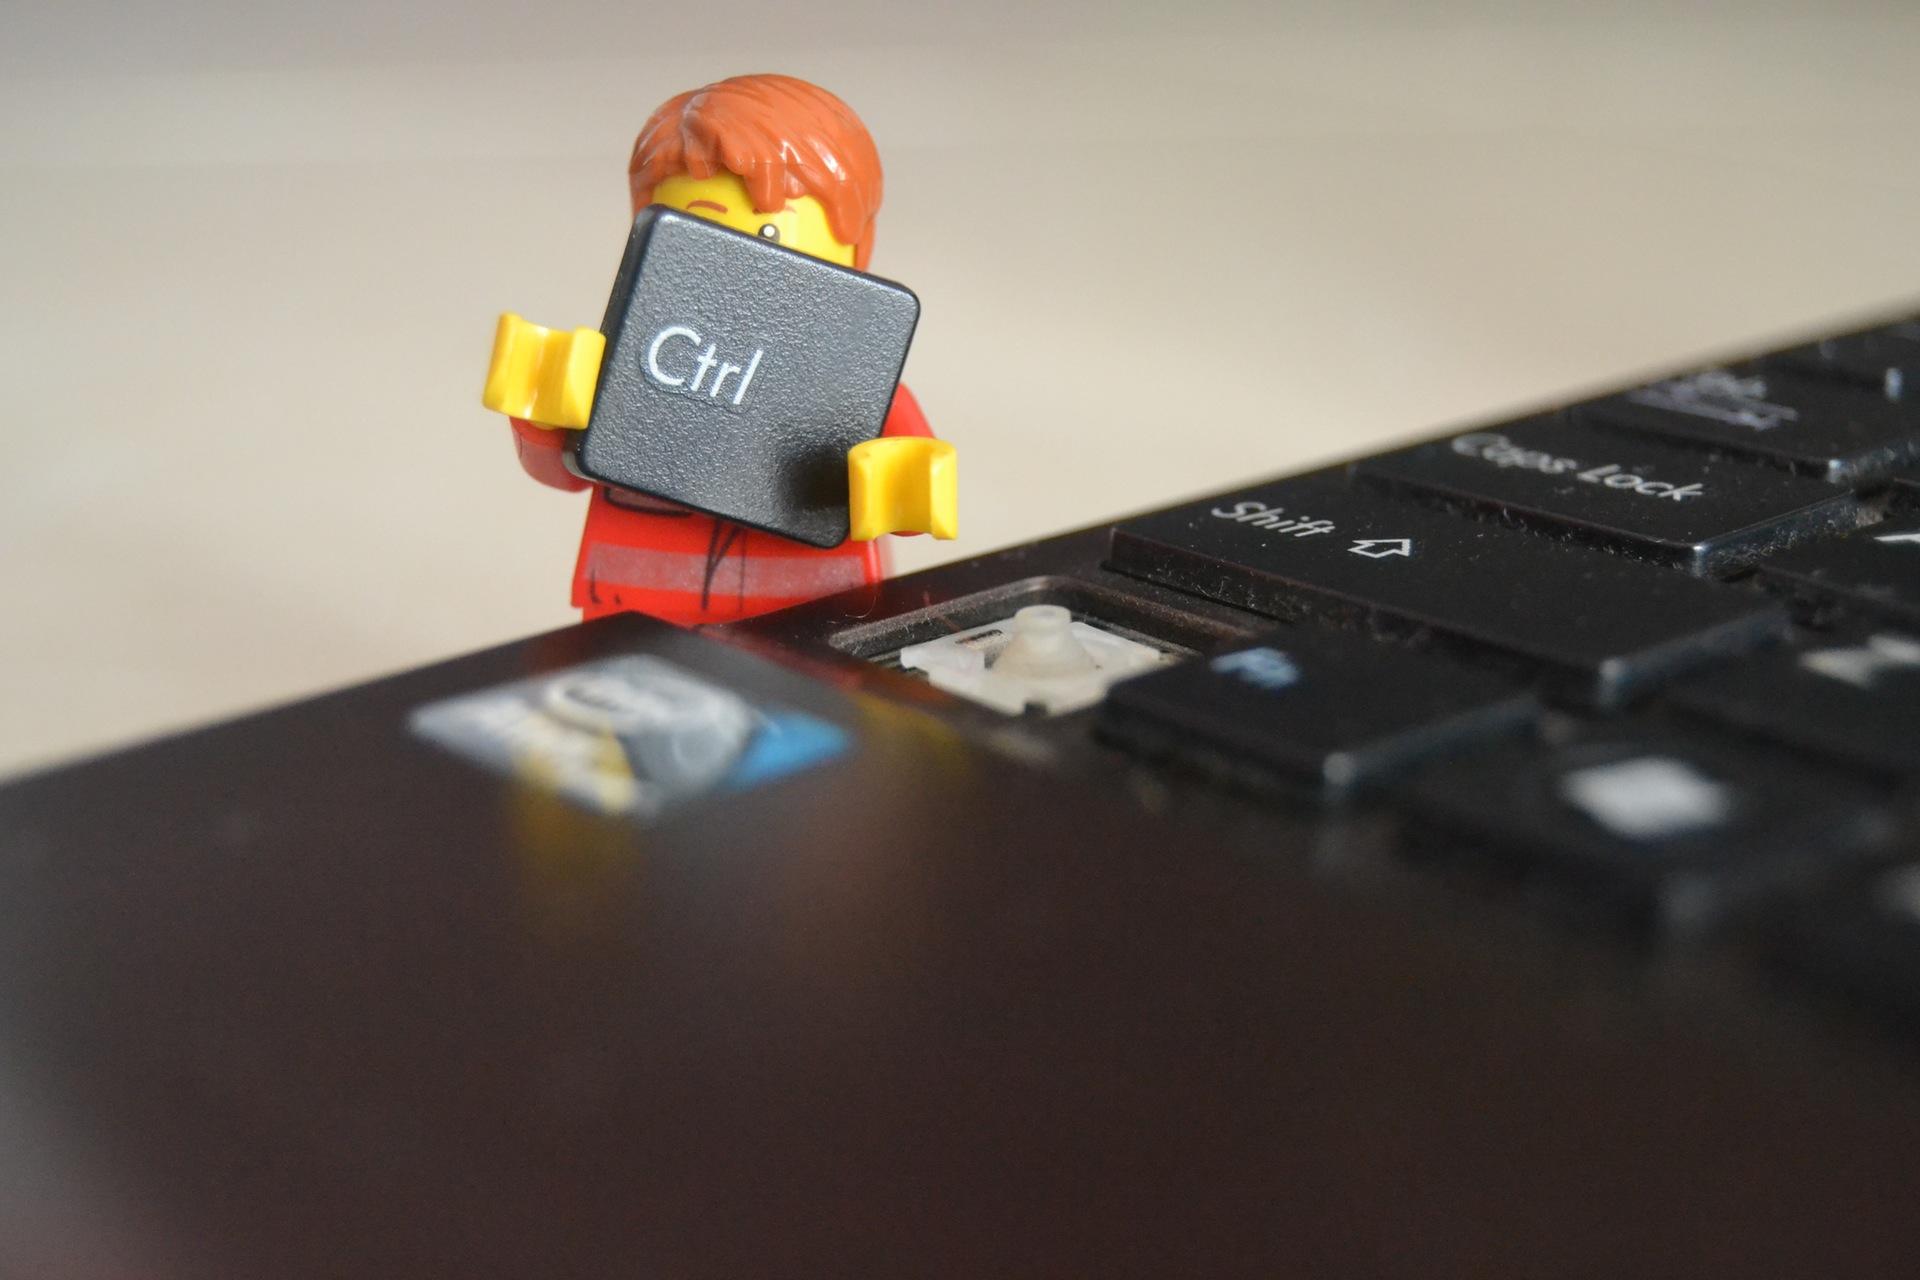 Портативный, Игрушка, клавиатура, ремонт, Миниатюра, LEGO - Обои HD - Профессор falken.com